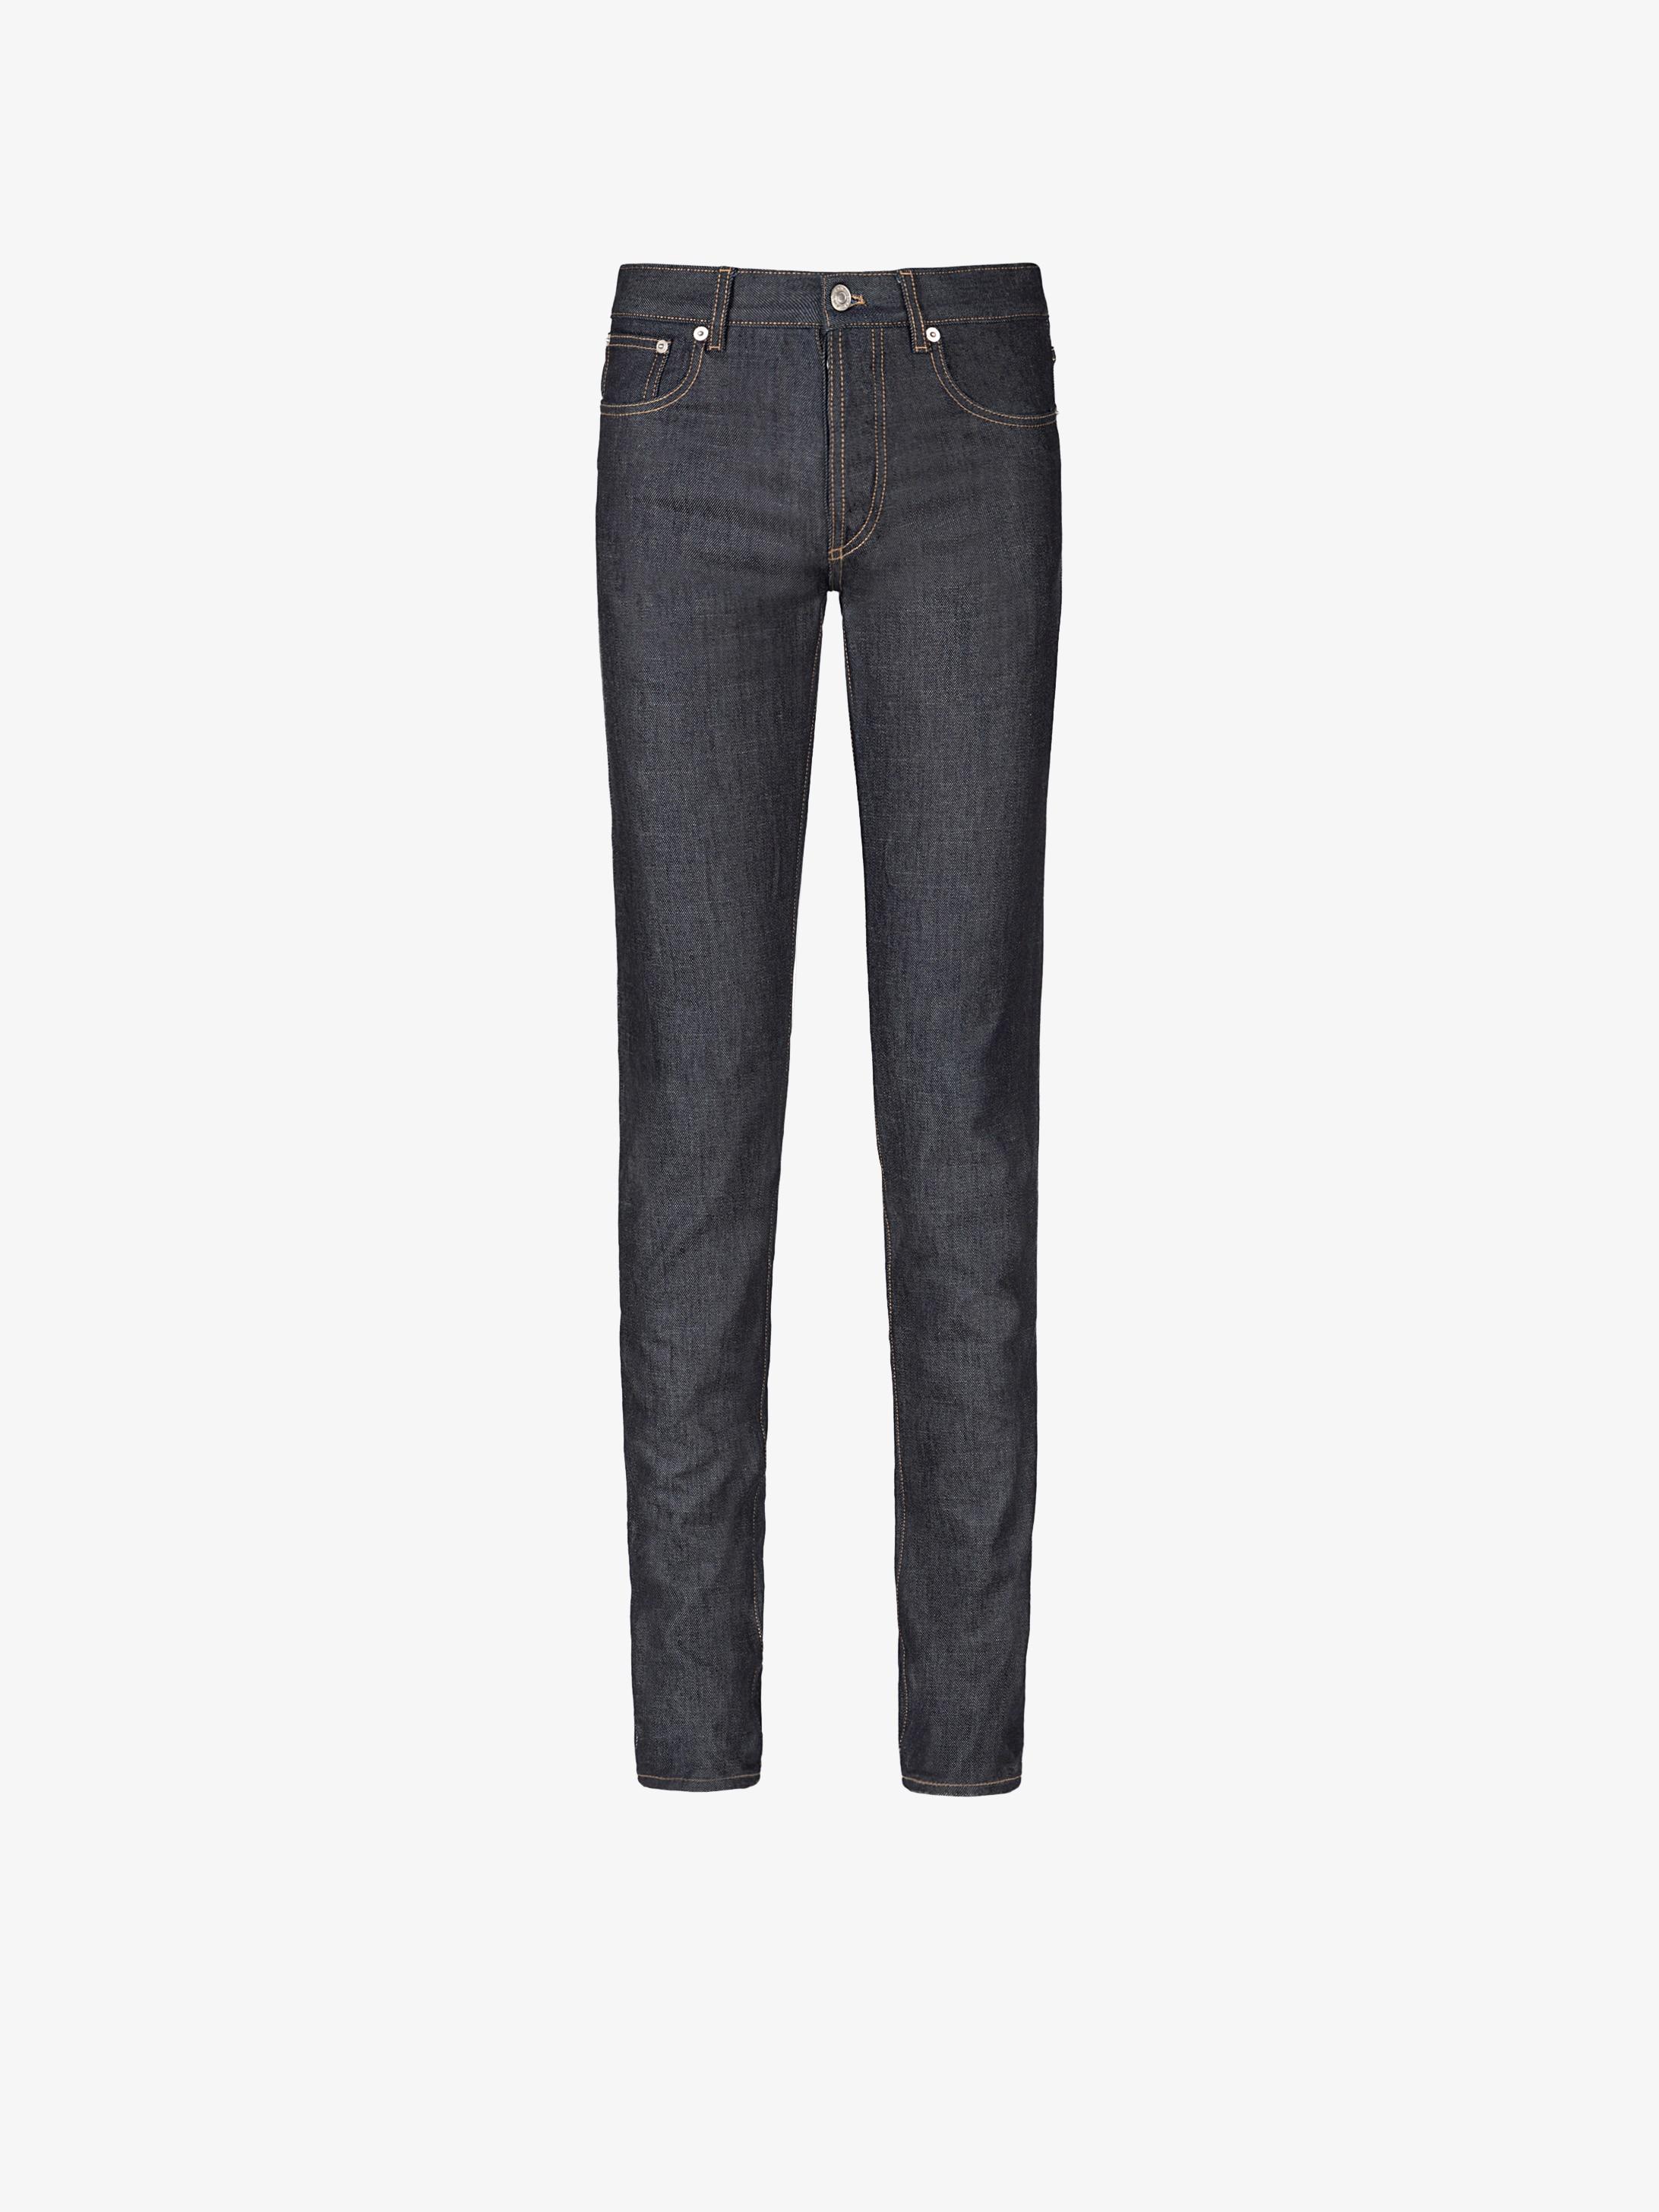 GIVENCHY skinny jean